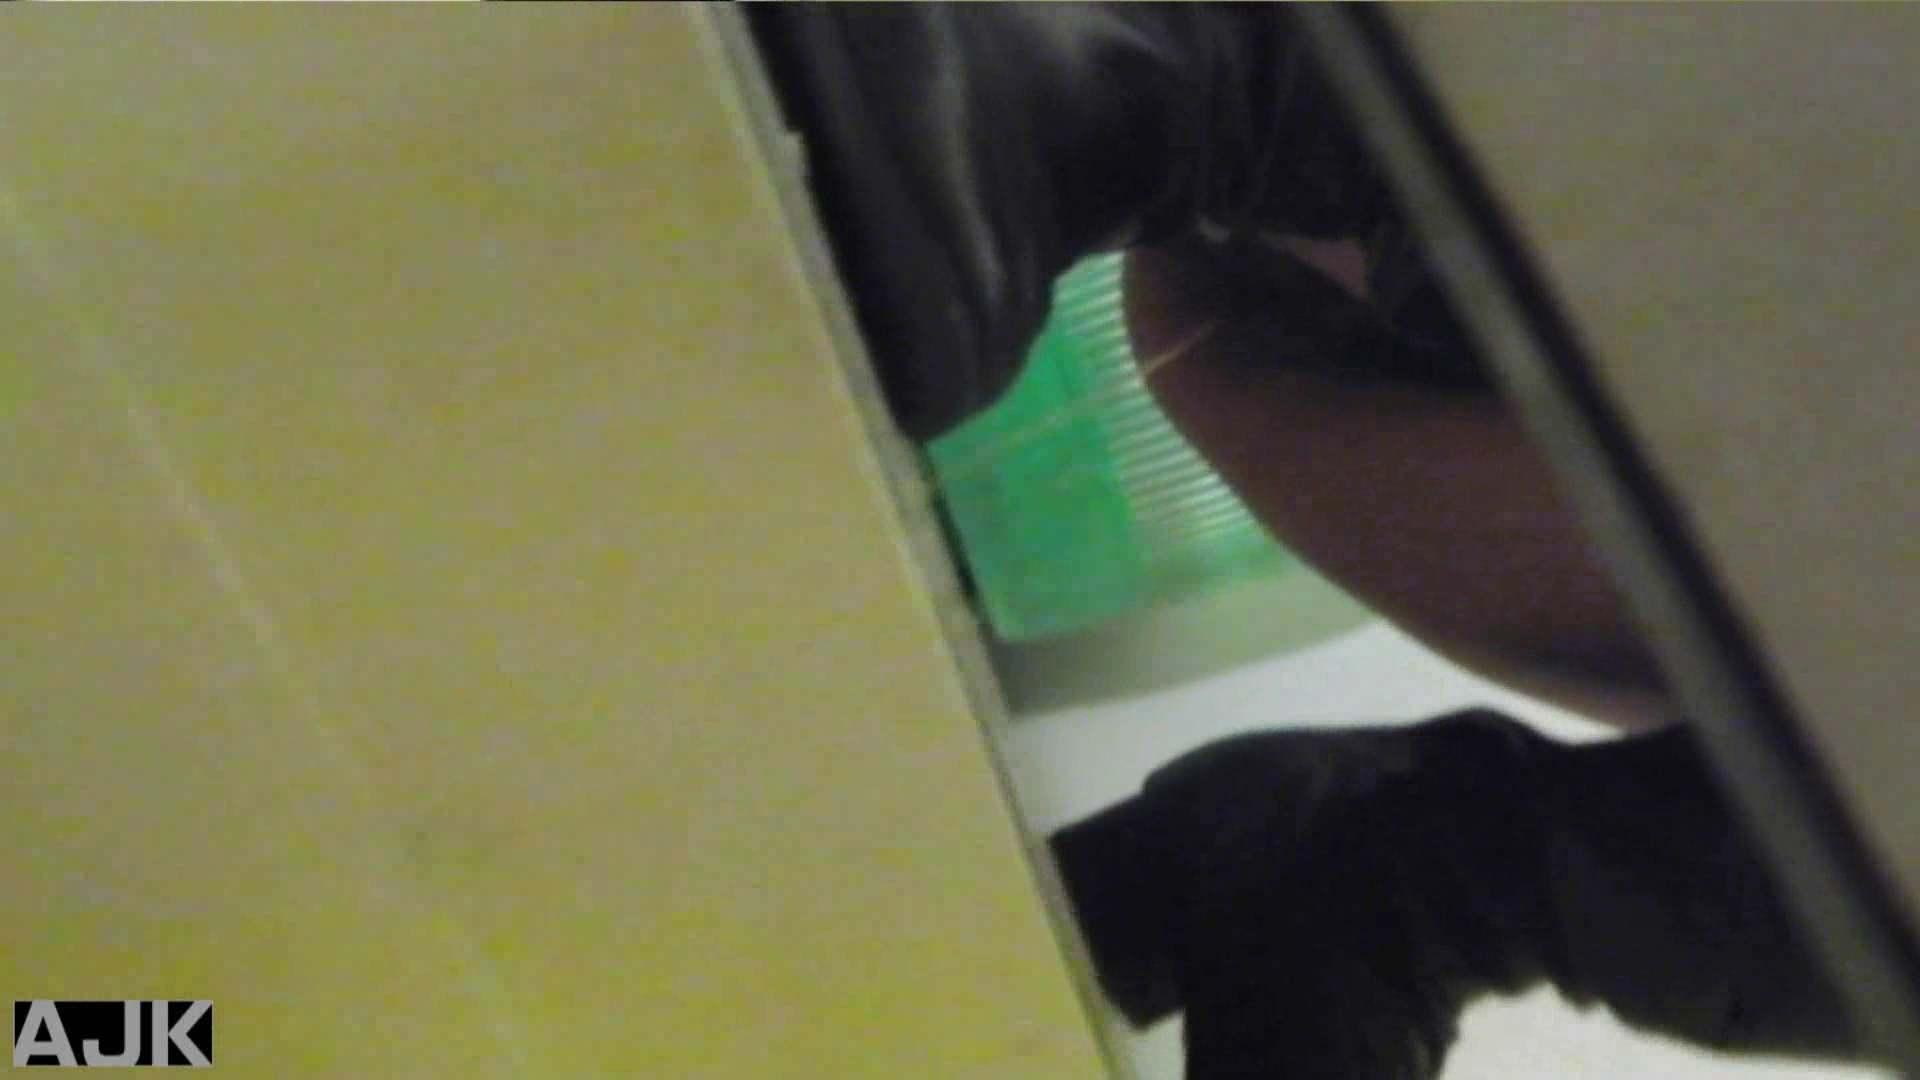 隣国上階級エリアの令嬢たちが集うデパートお手洗い Vol.03 お手洗い  98Pix 9